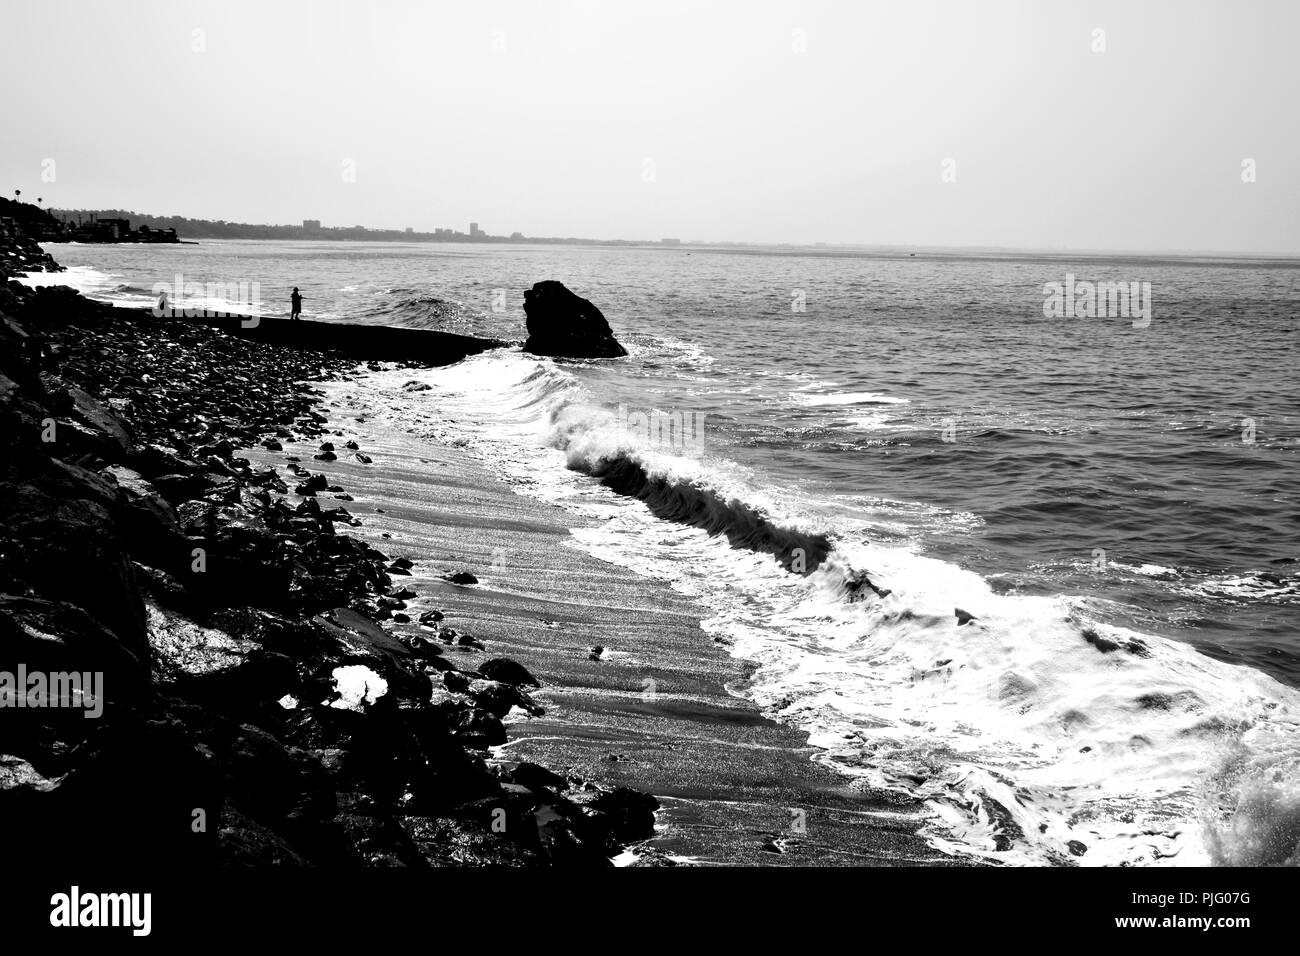 Malibu Beach - Stock Image